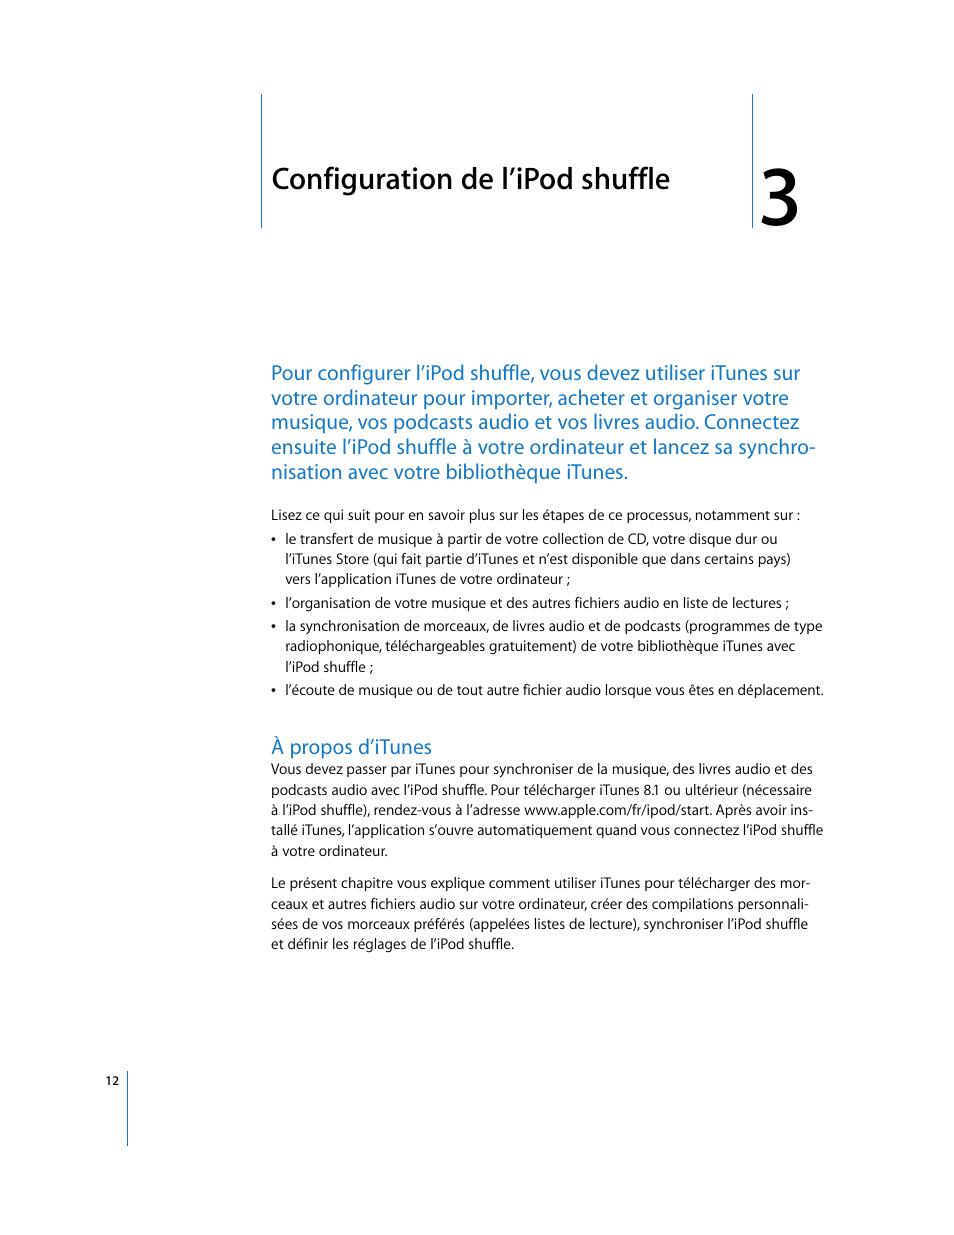 Configuration de l'ipod shuffle, À propos d'itunes   Apple iPod